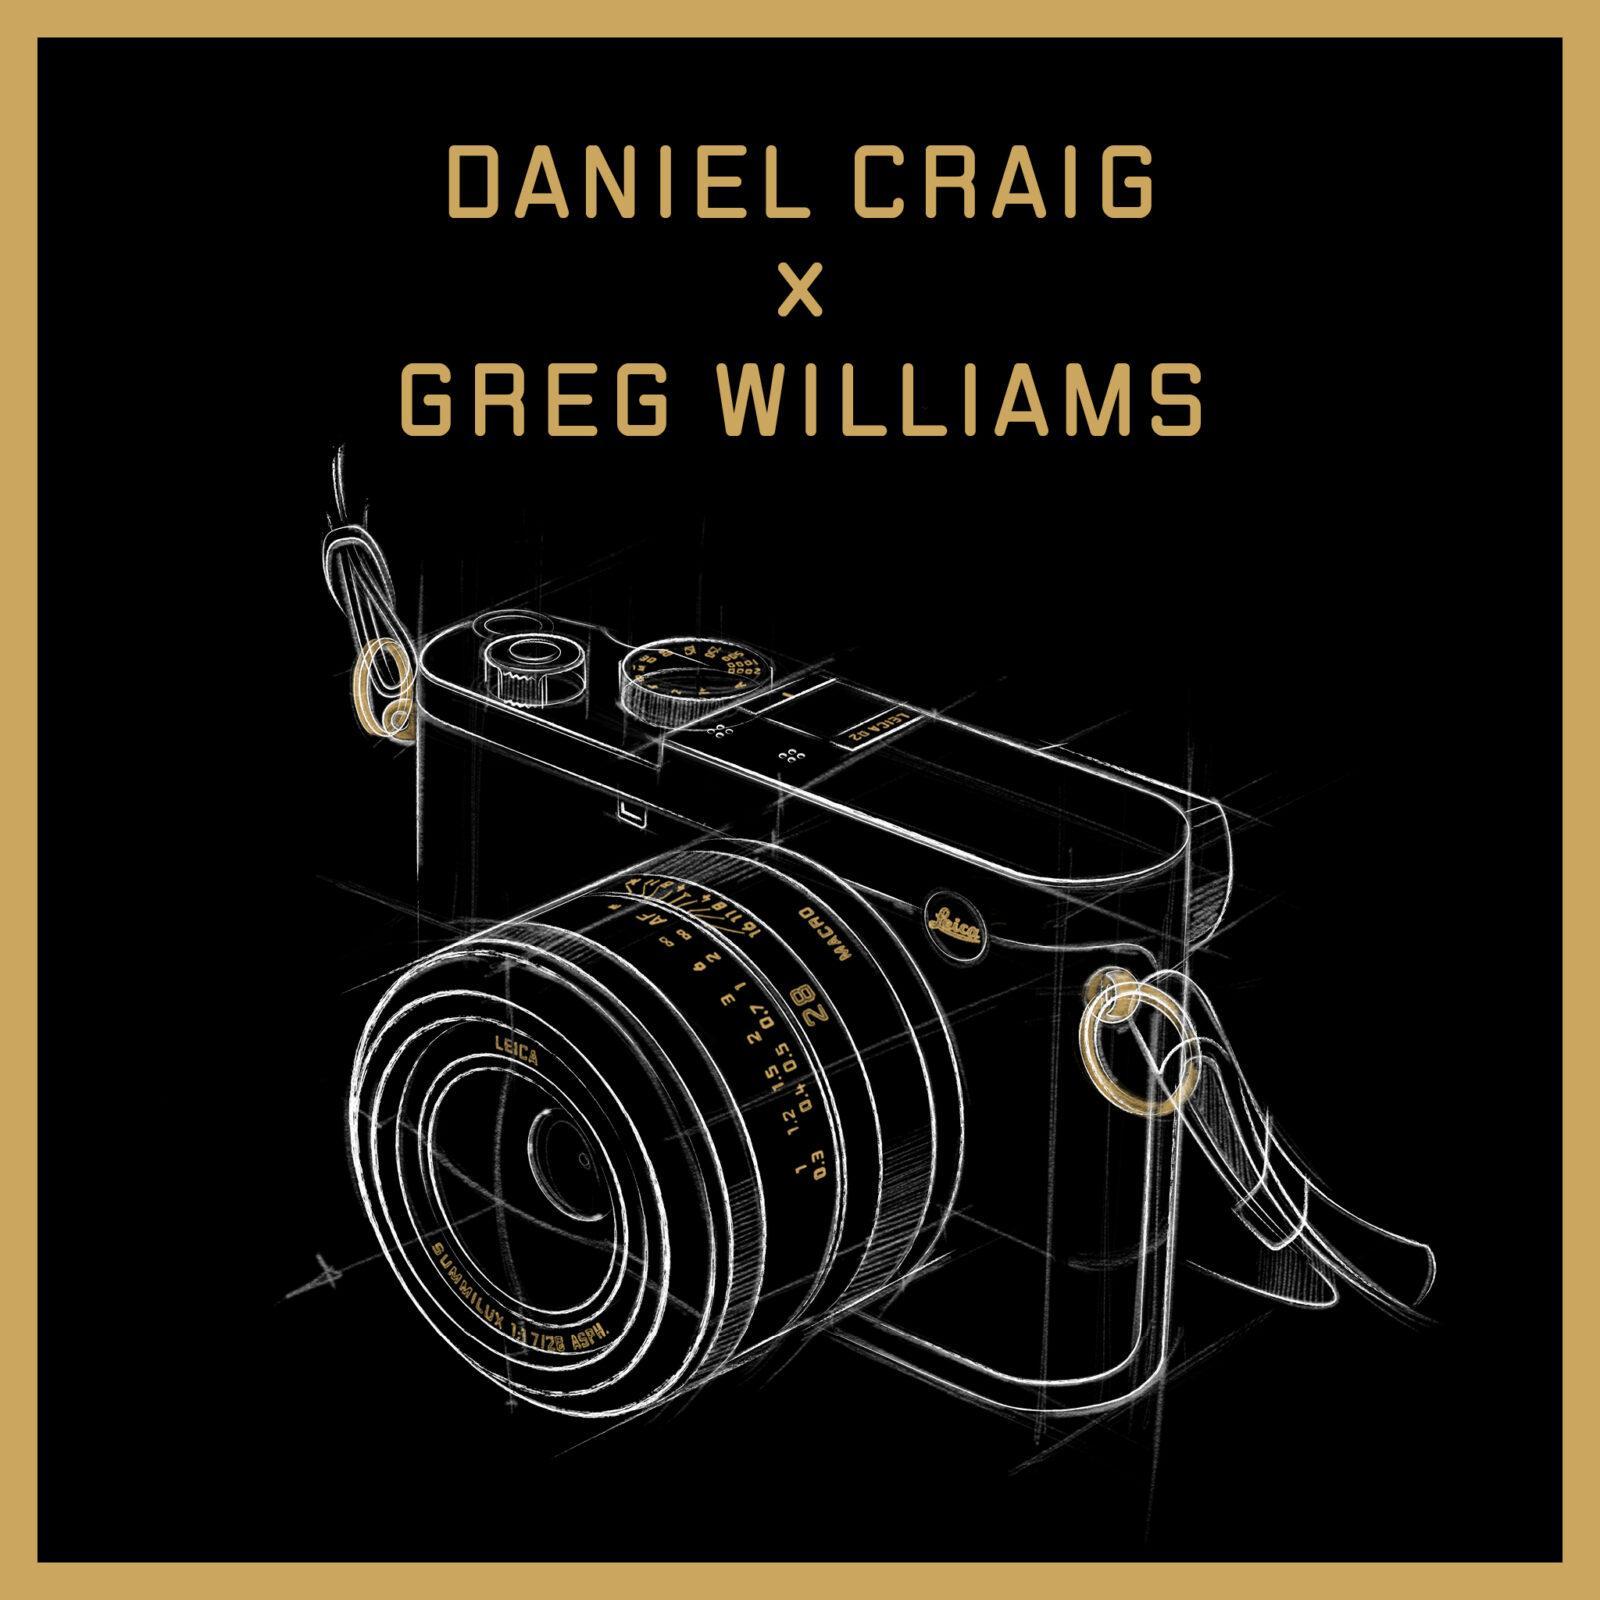 Leica объединилась с Дэниелом Крэйгом и Грегом Уильямсом чтобы выпустить новую версию камеры Leica Q2 (leica q2 daniel craig x greg williams)